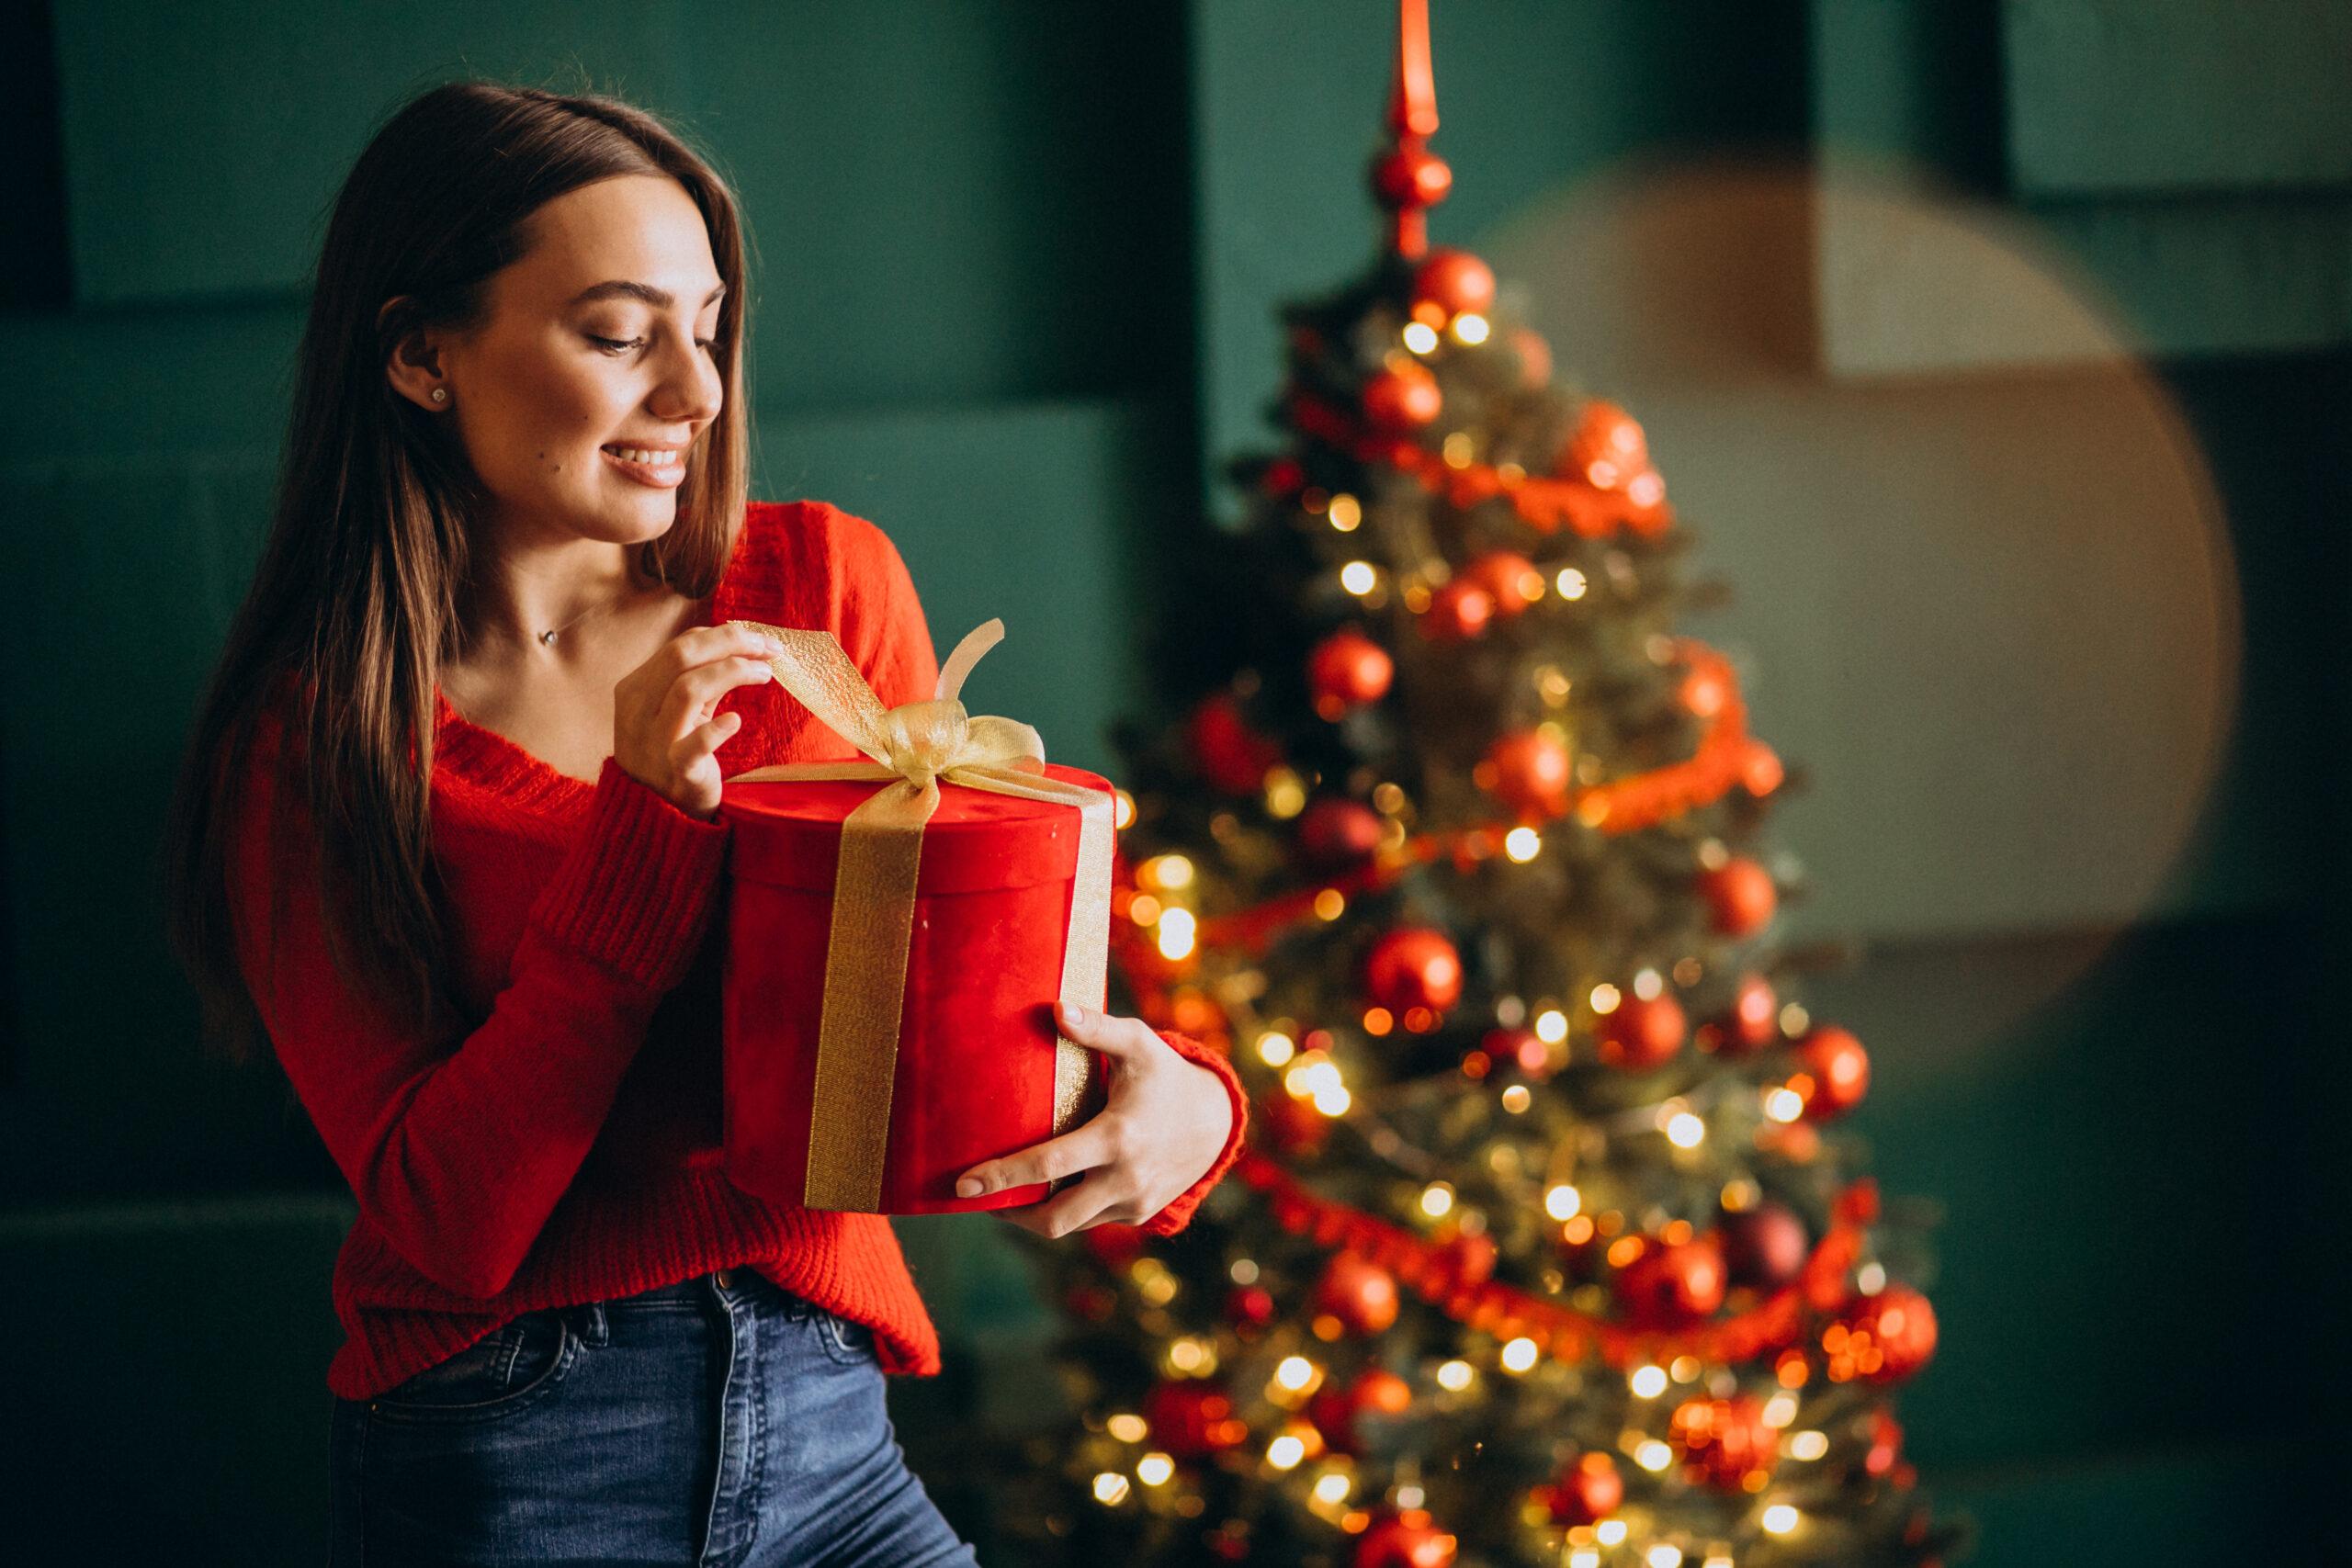 Dziewczyna z prezentem, choinka, święta, boże narodzenie